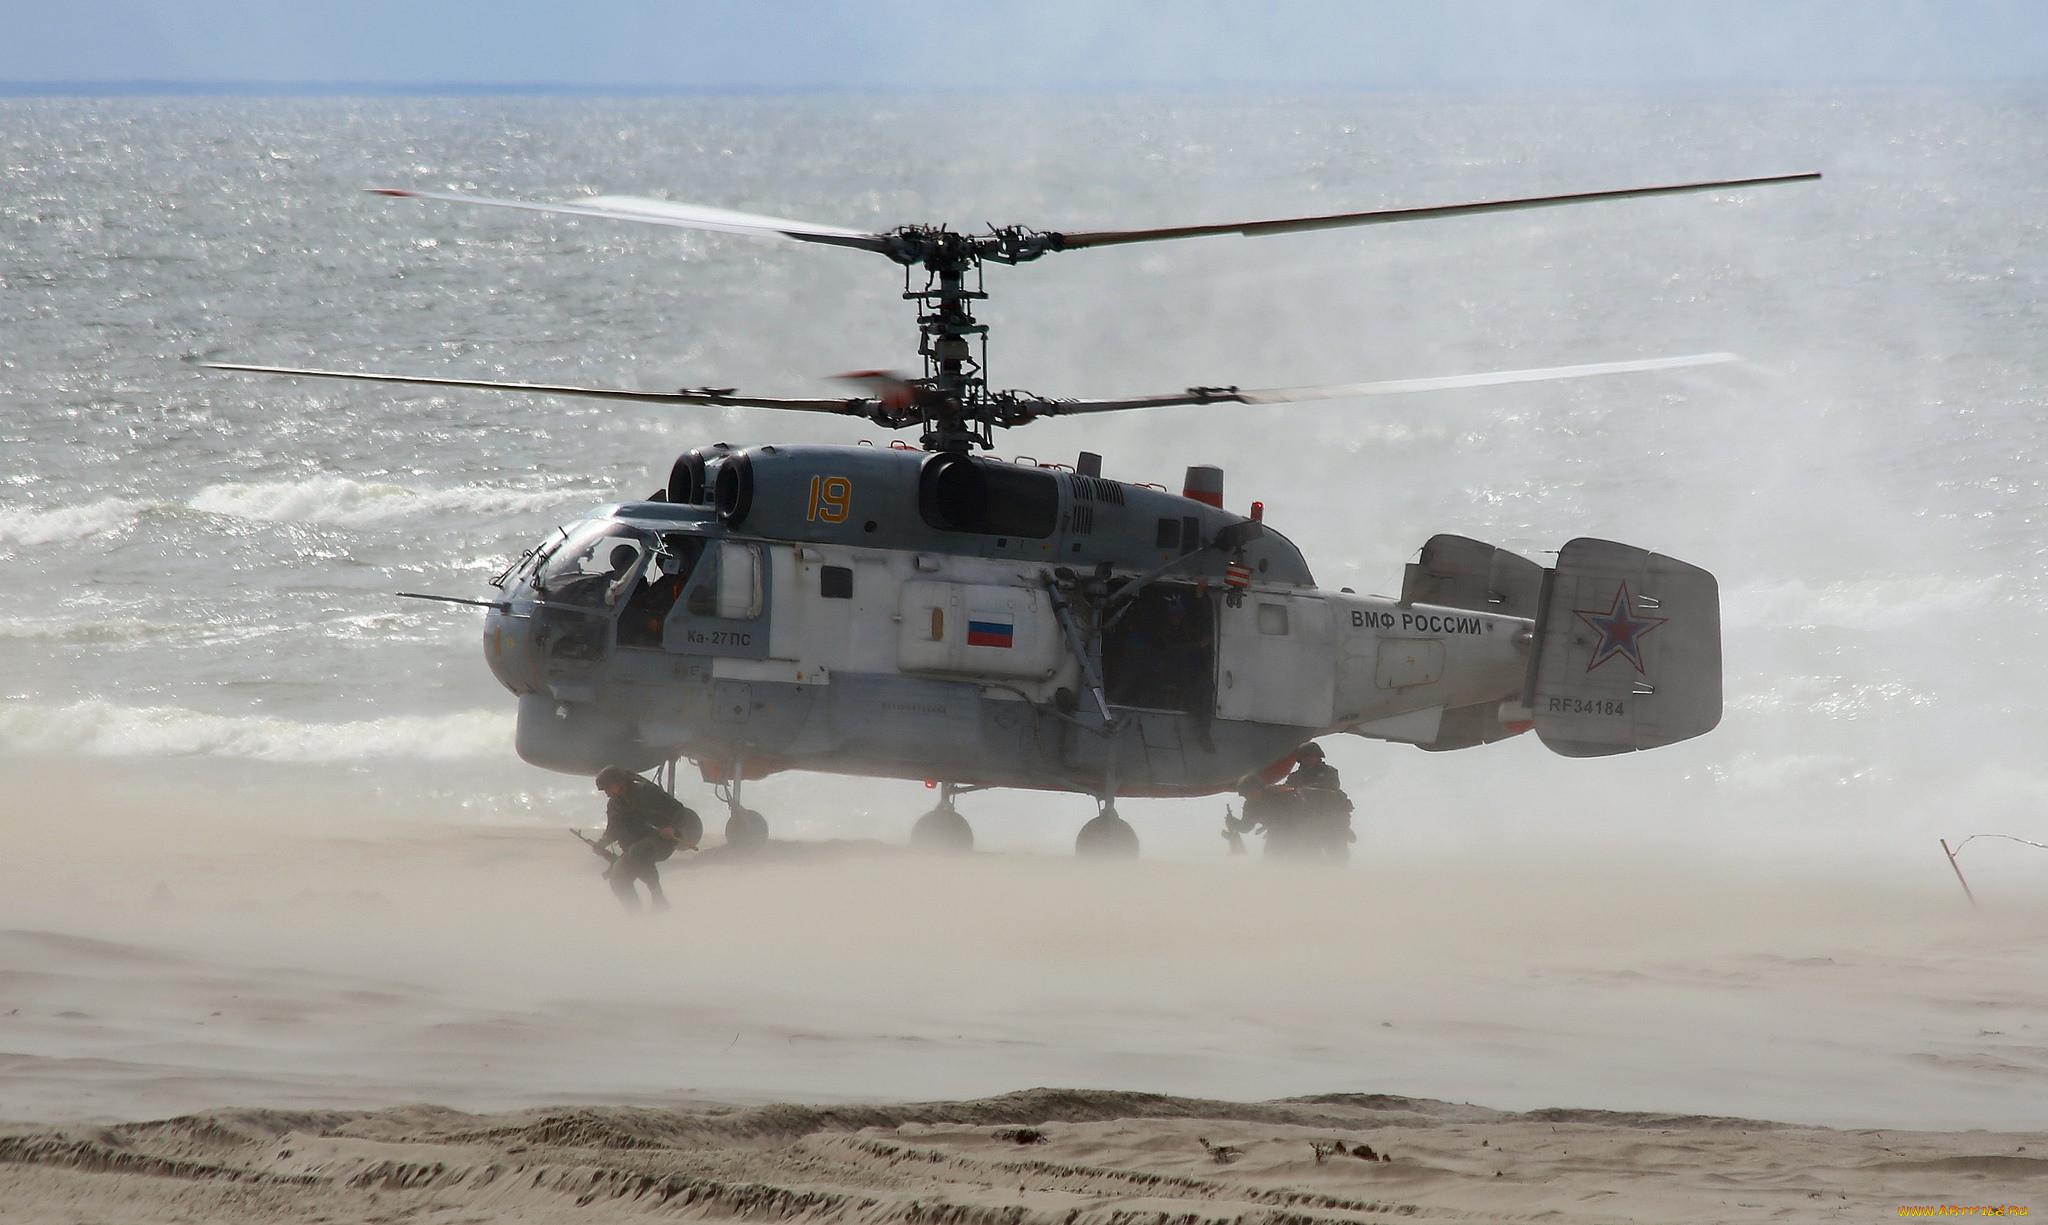 ровные вертолеты морской авиации в бою фото рисунки будем применять одинаковые